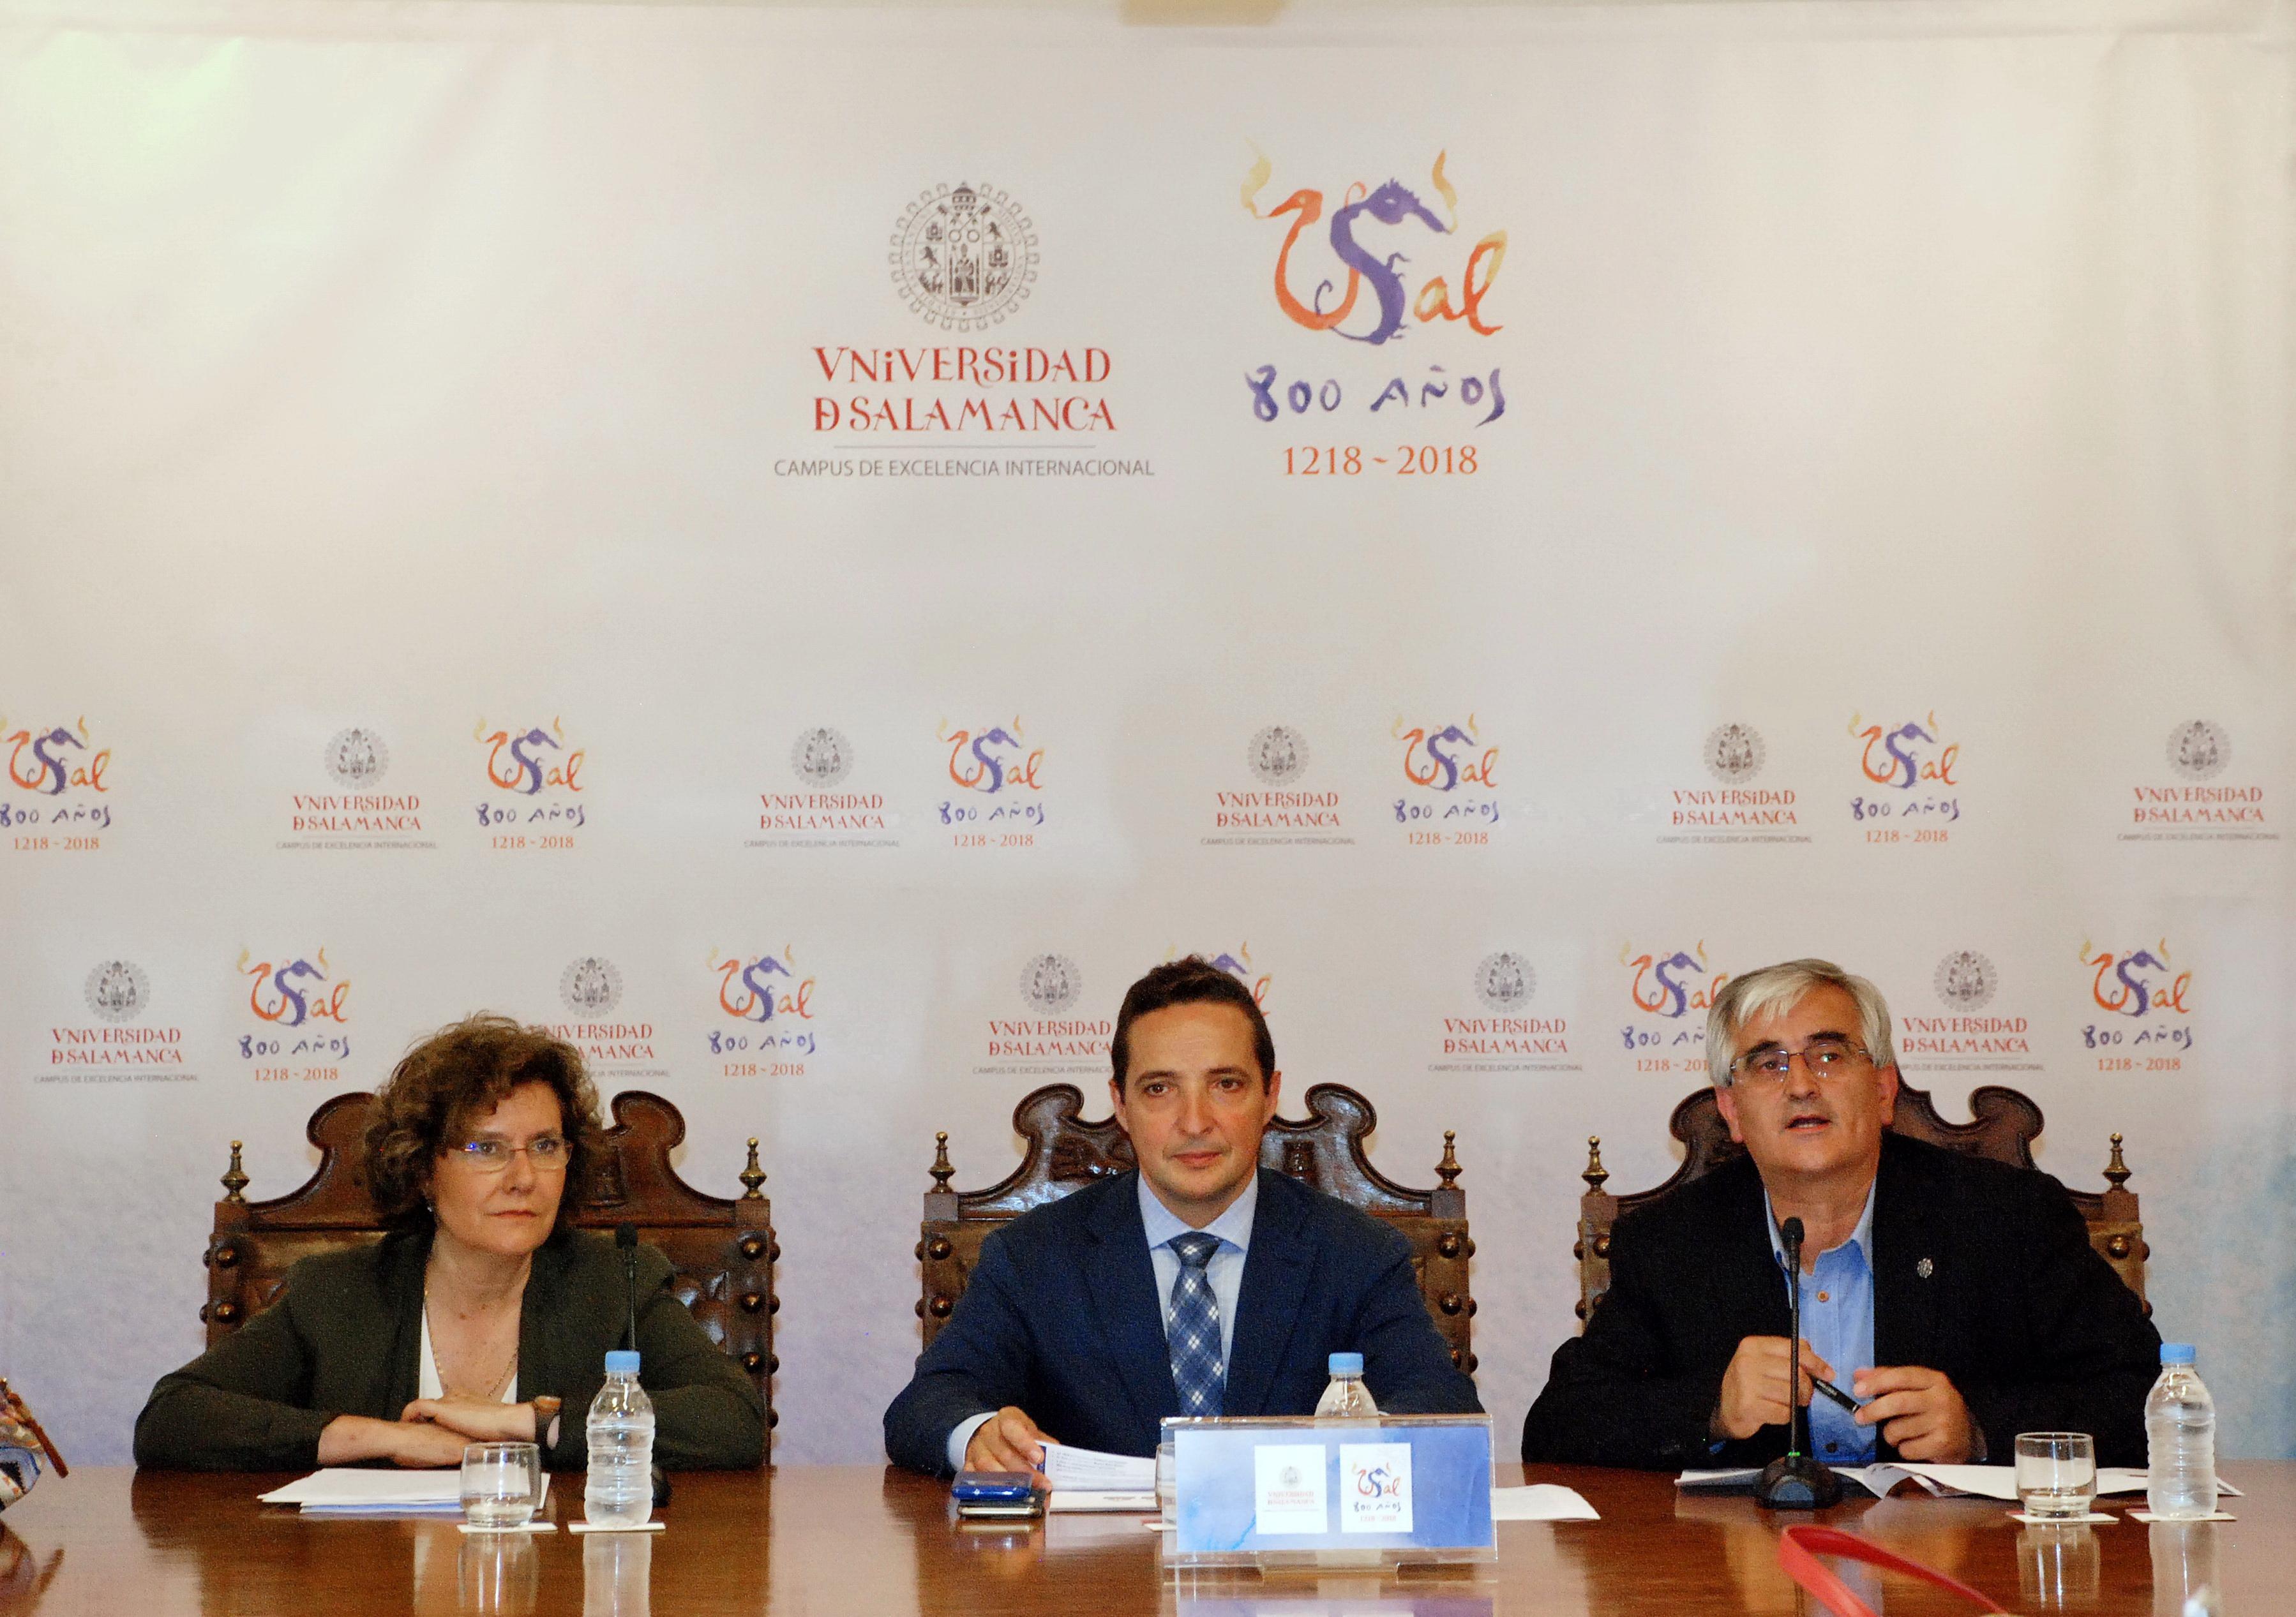 La Universidad de Salamanca cede tres libros de su fondo histórico a la exposición 'Cervantes, lengua del alma'